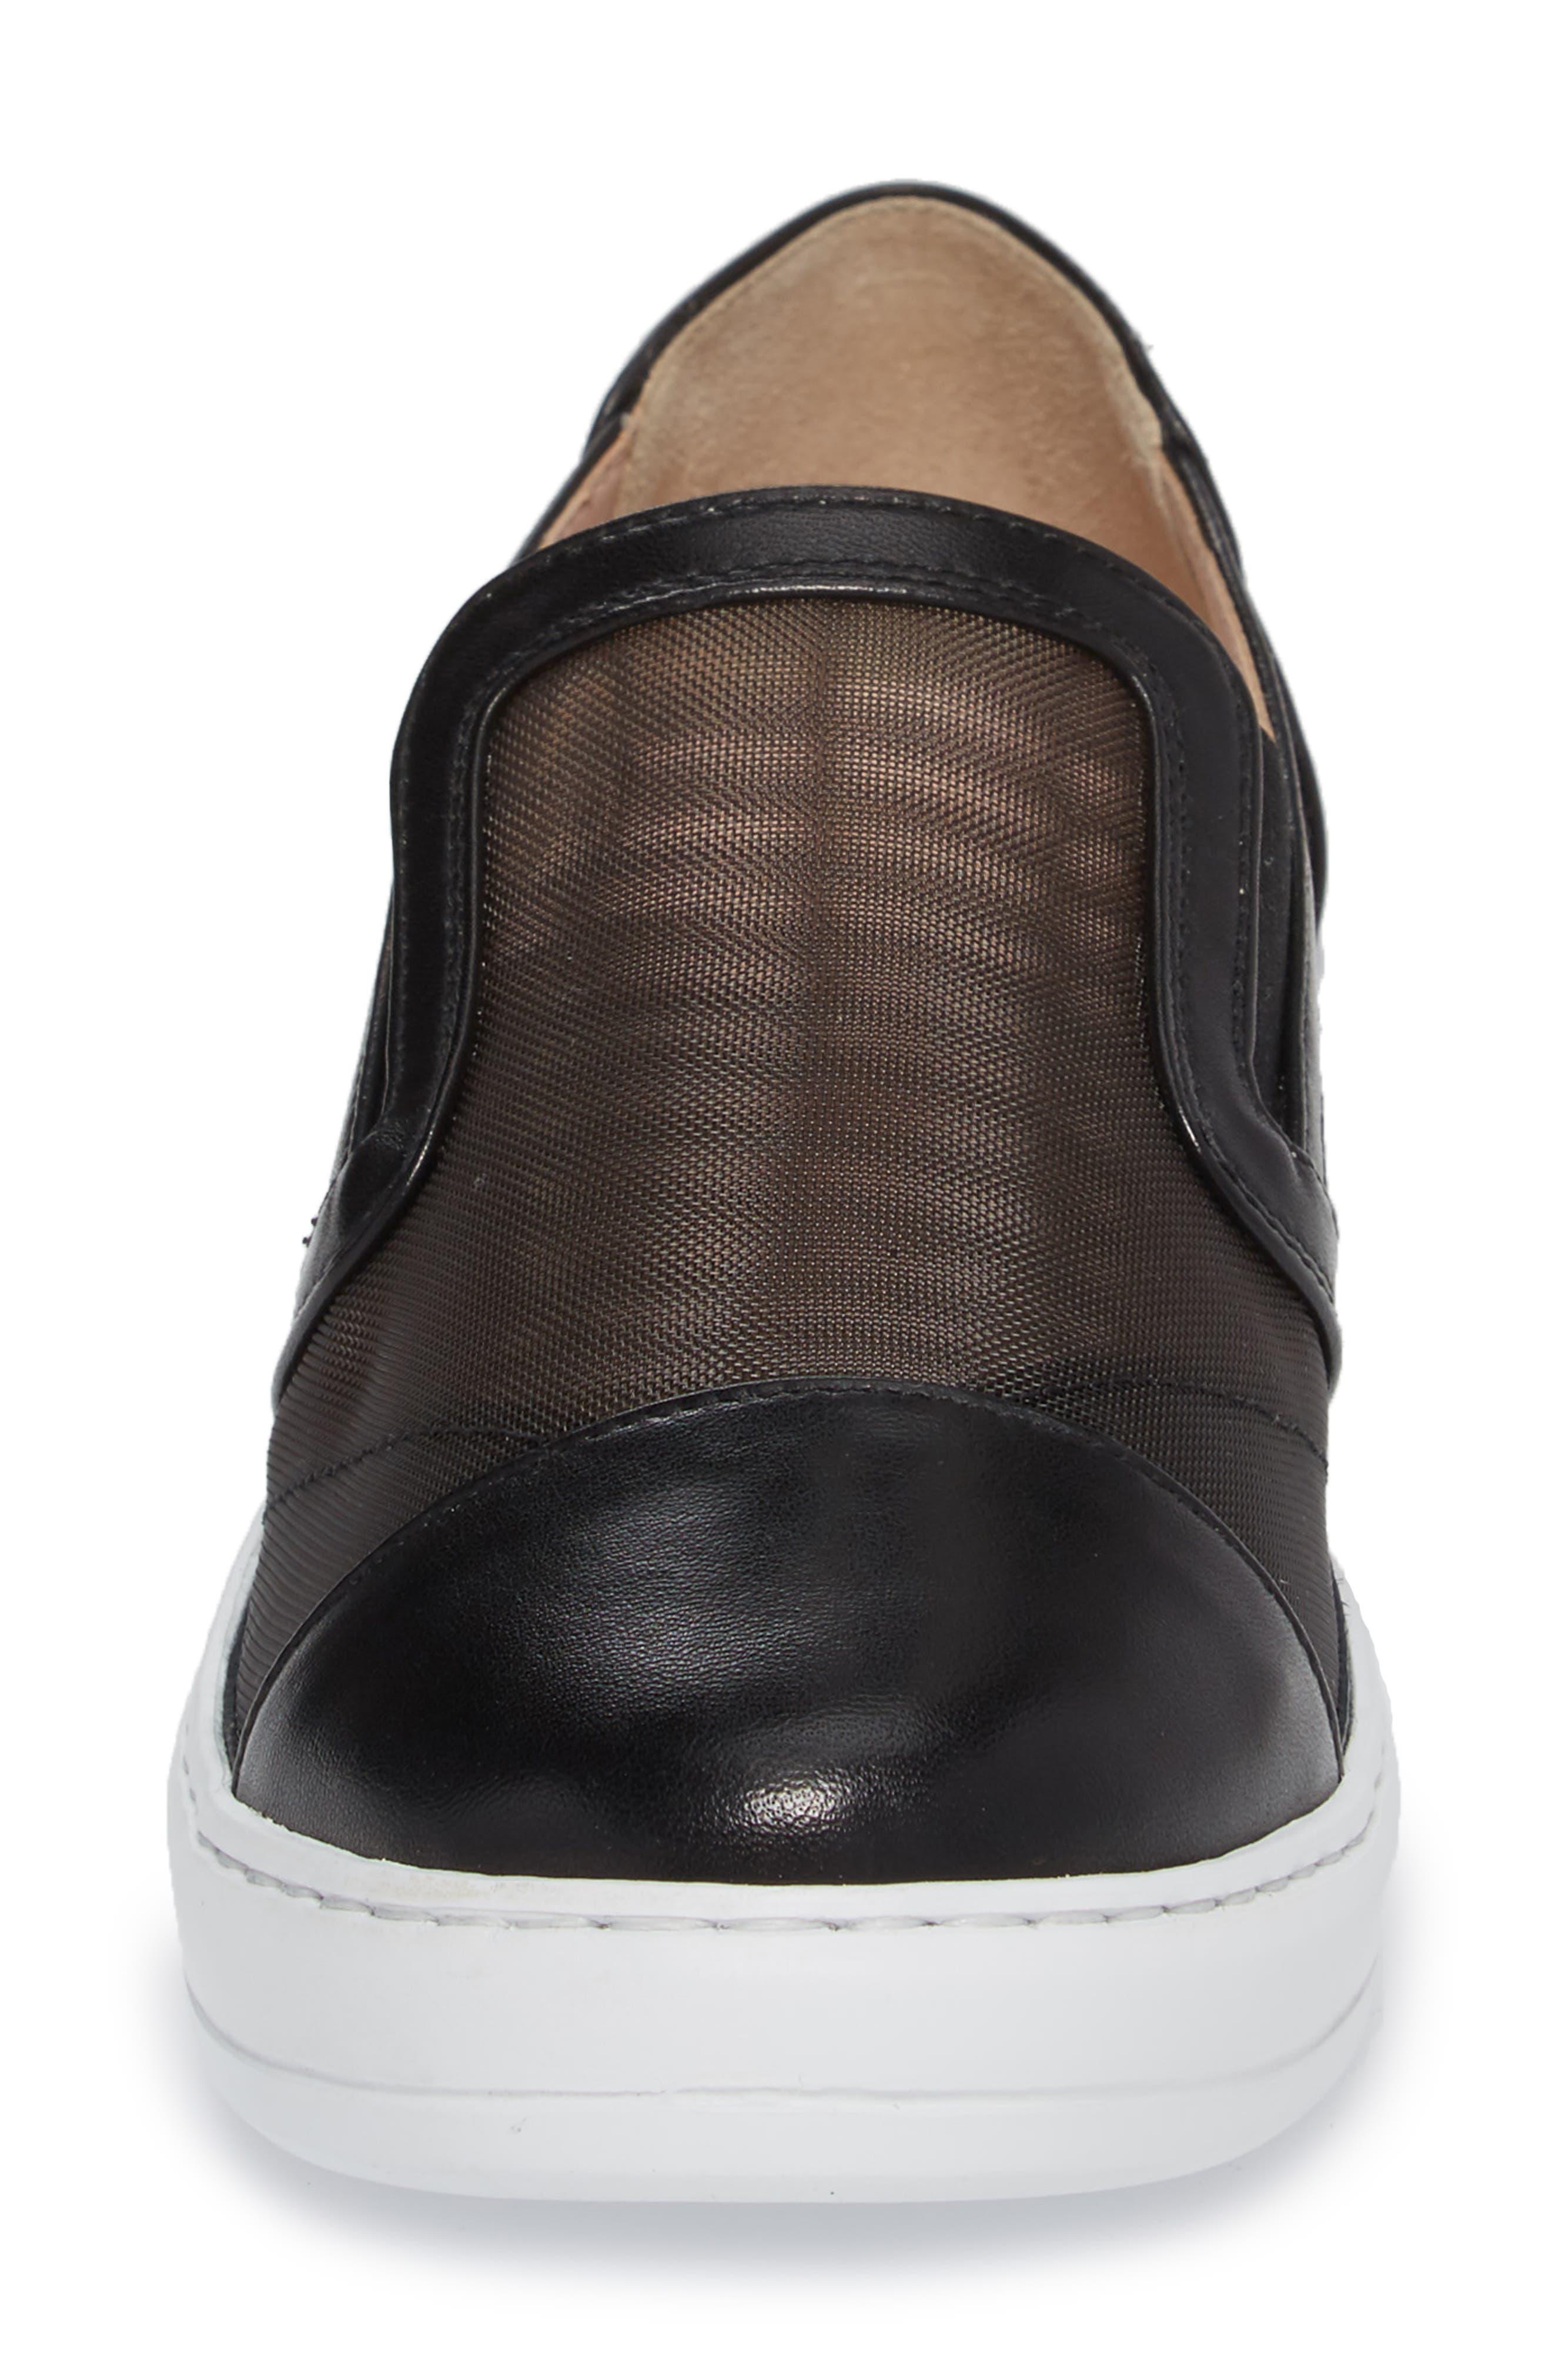 Taryn Rose Calandra Slip-On Sneaker,                             Alternate thumbnail 4, color,                             004